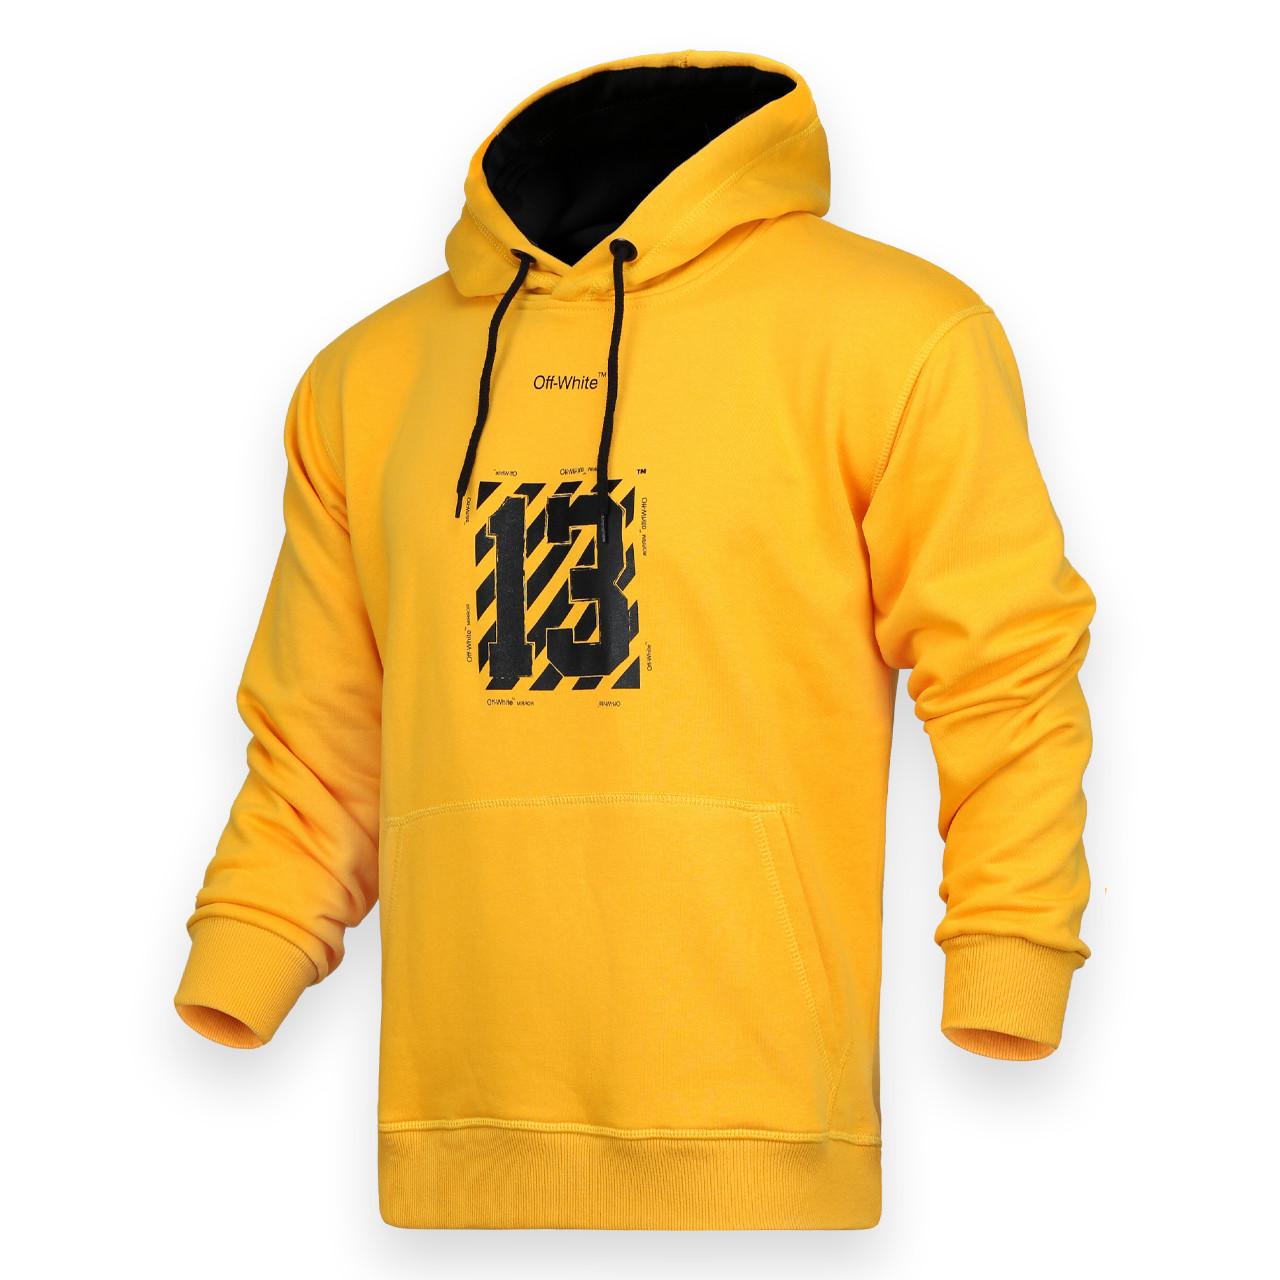 Худи мужские желтый OFF-WHITE с принтом №13 Т-2 YEL XL(Р) 19-581-201